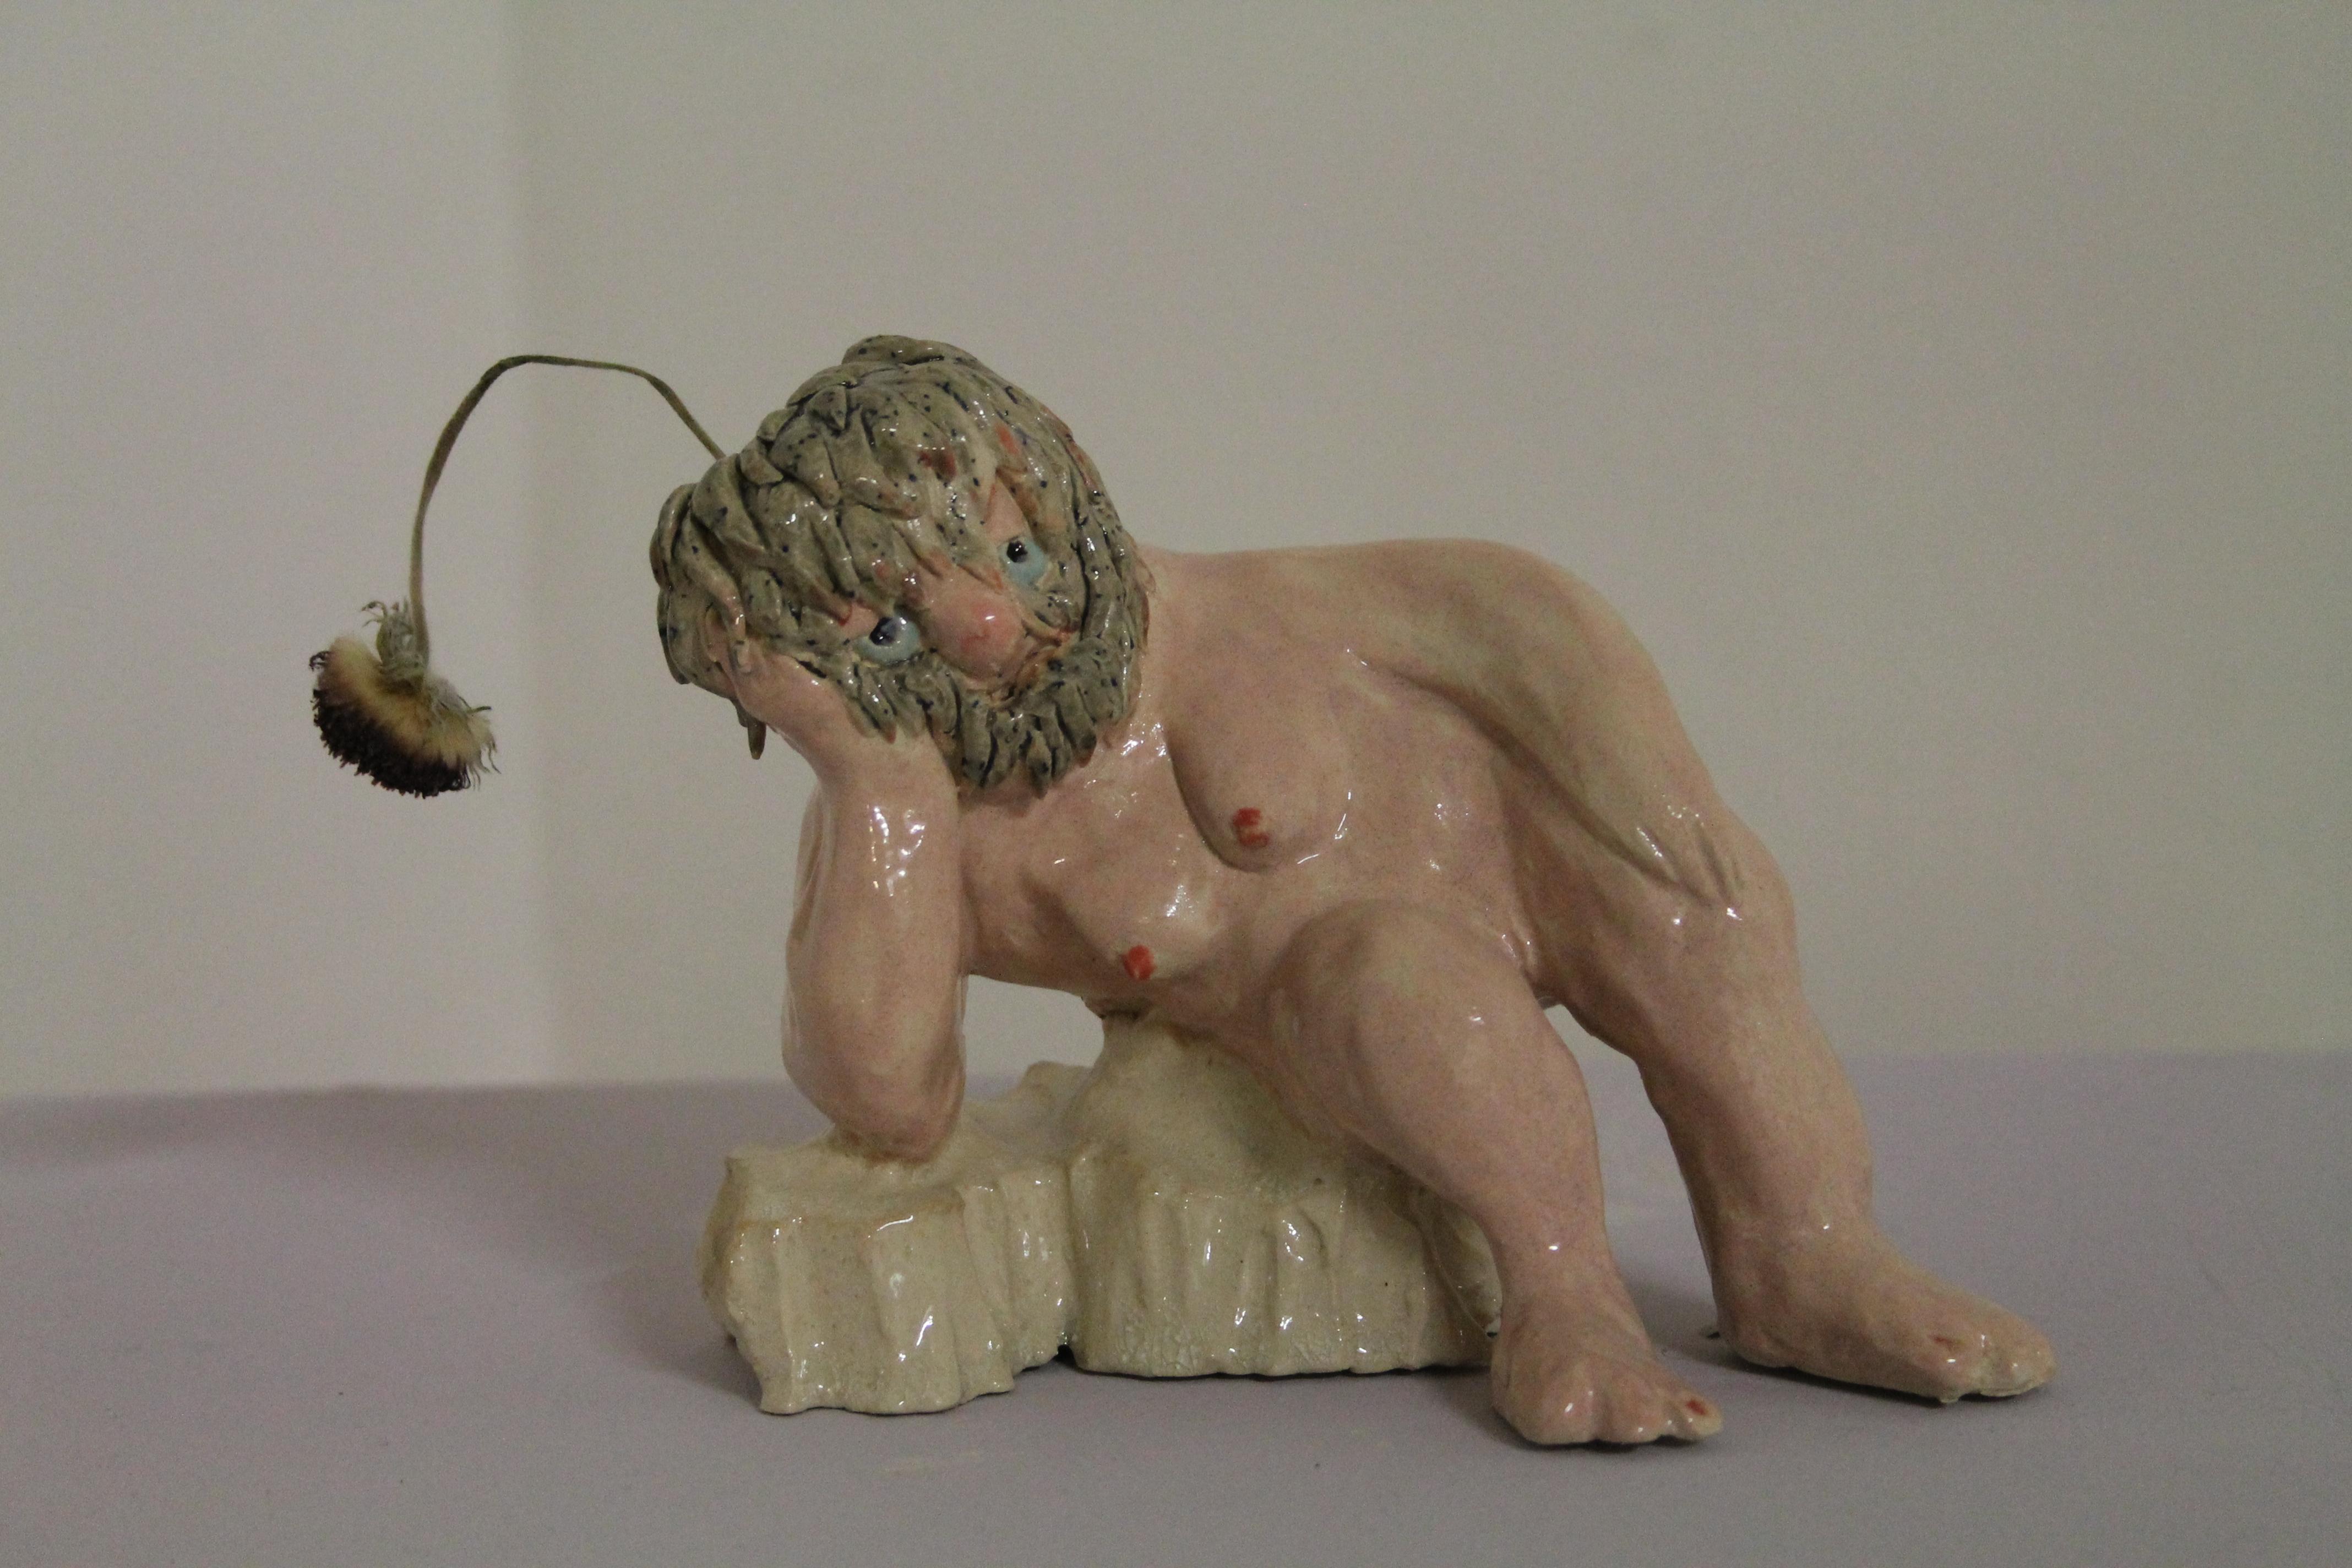 unnamed ceramic